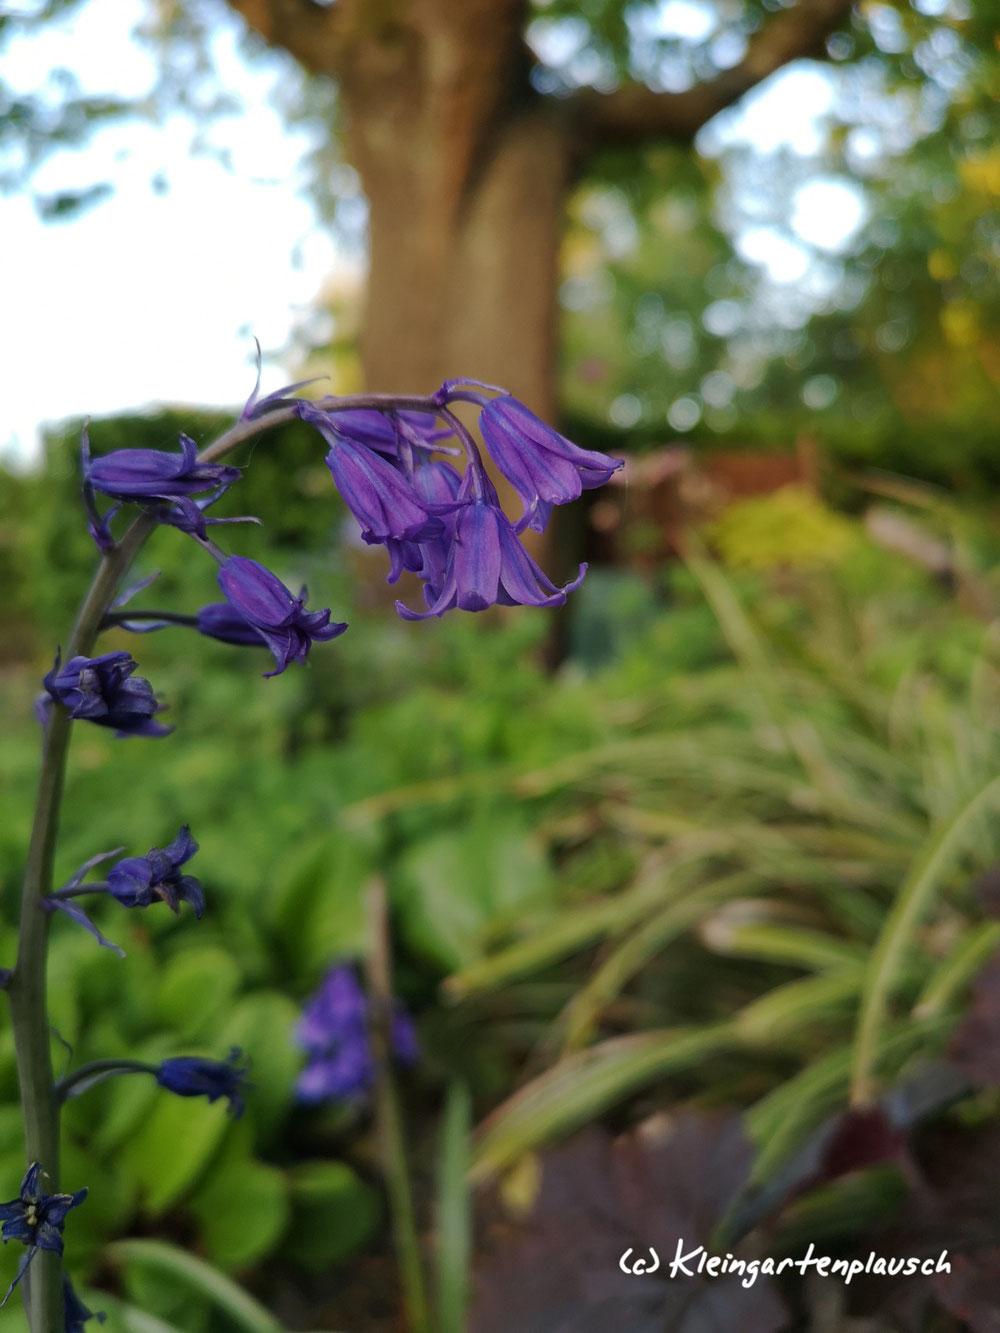 Sie haben schon etwas ausgeläutet, bewahren aber Haltung, Hyacinthoides non-scripta, Englisches Hasenglöckchen